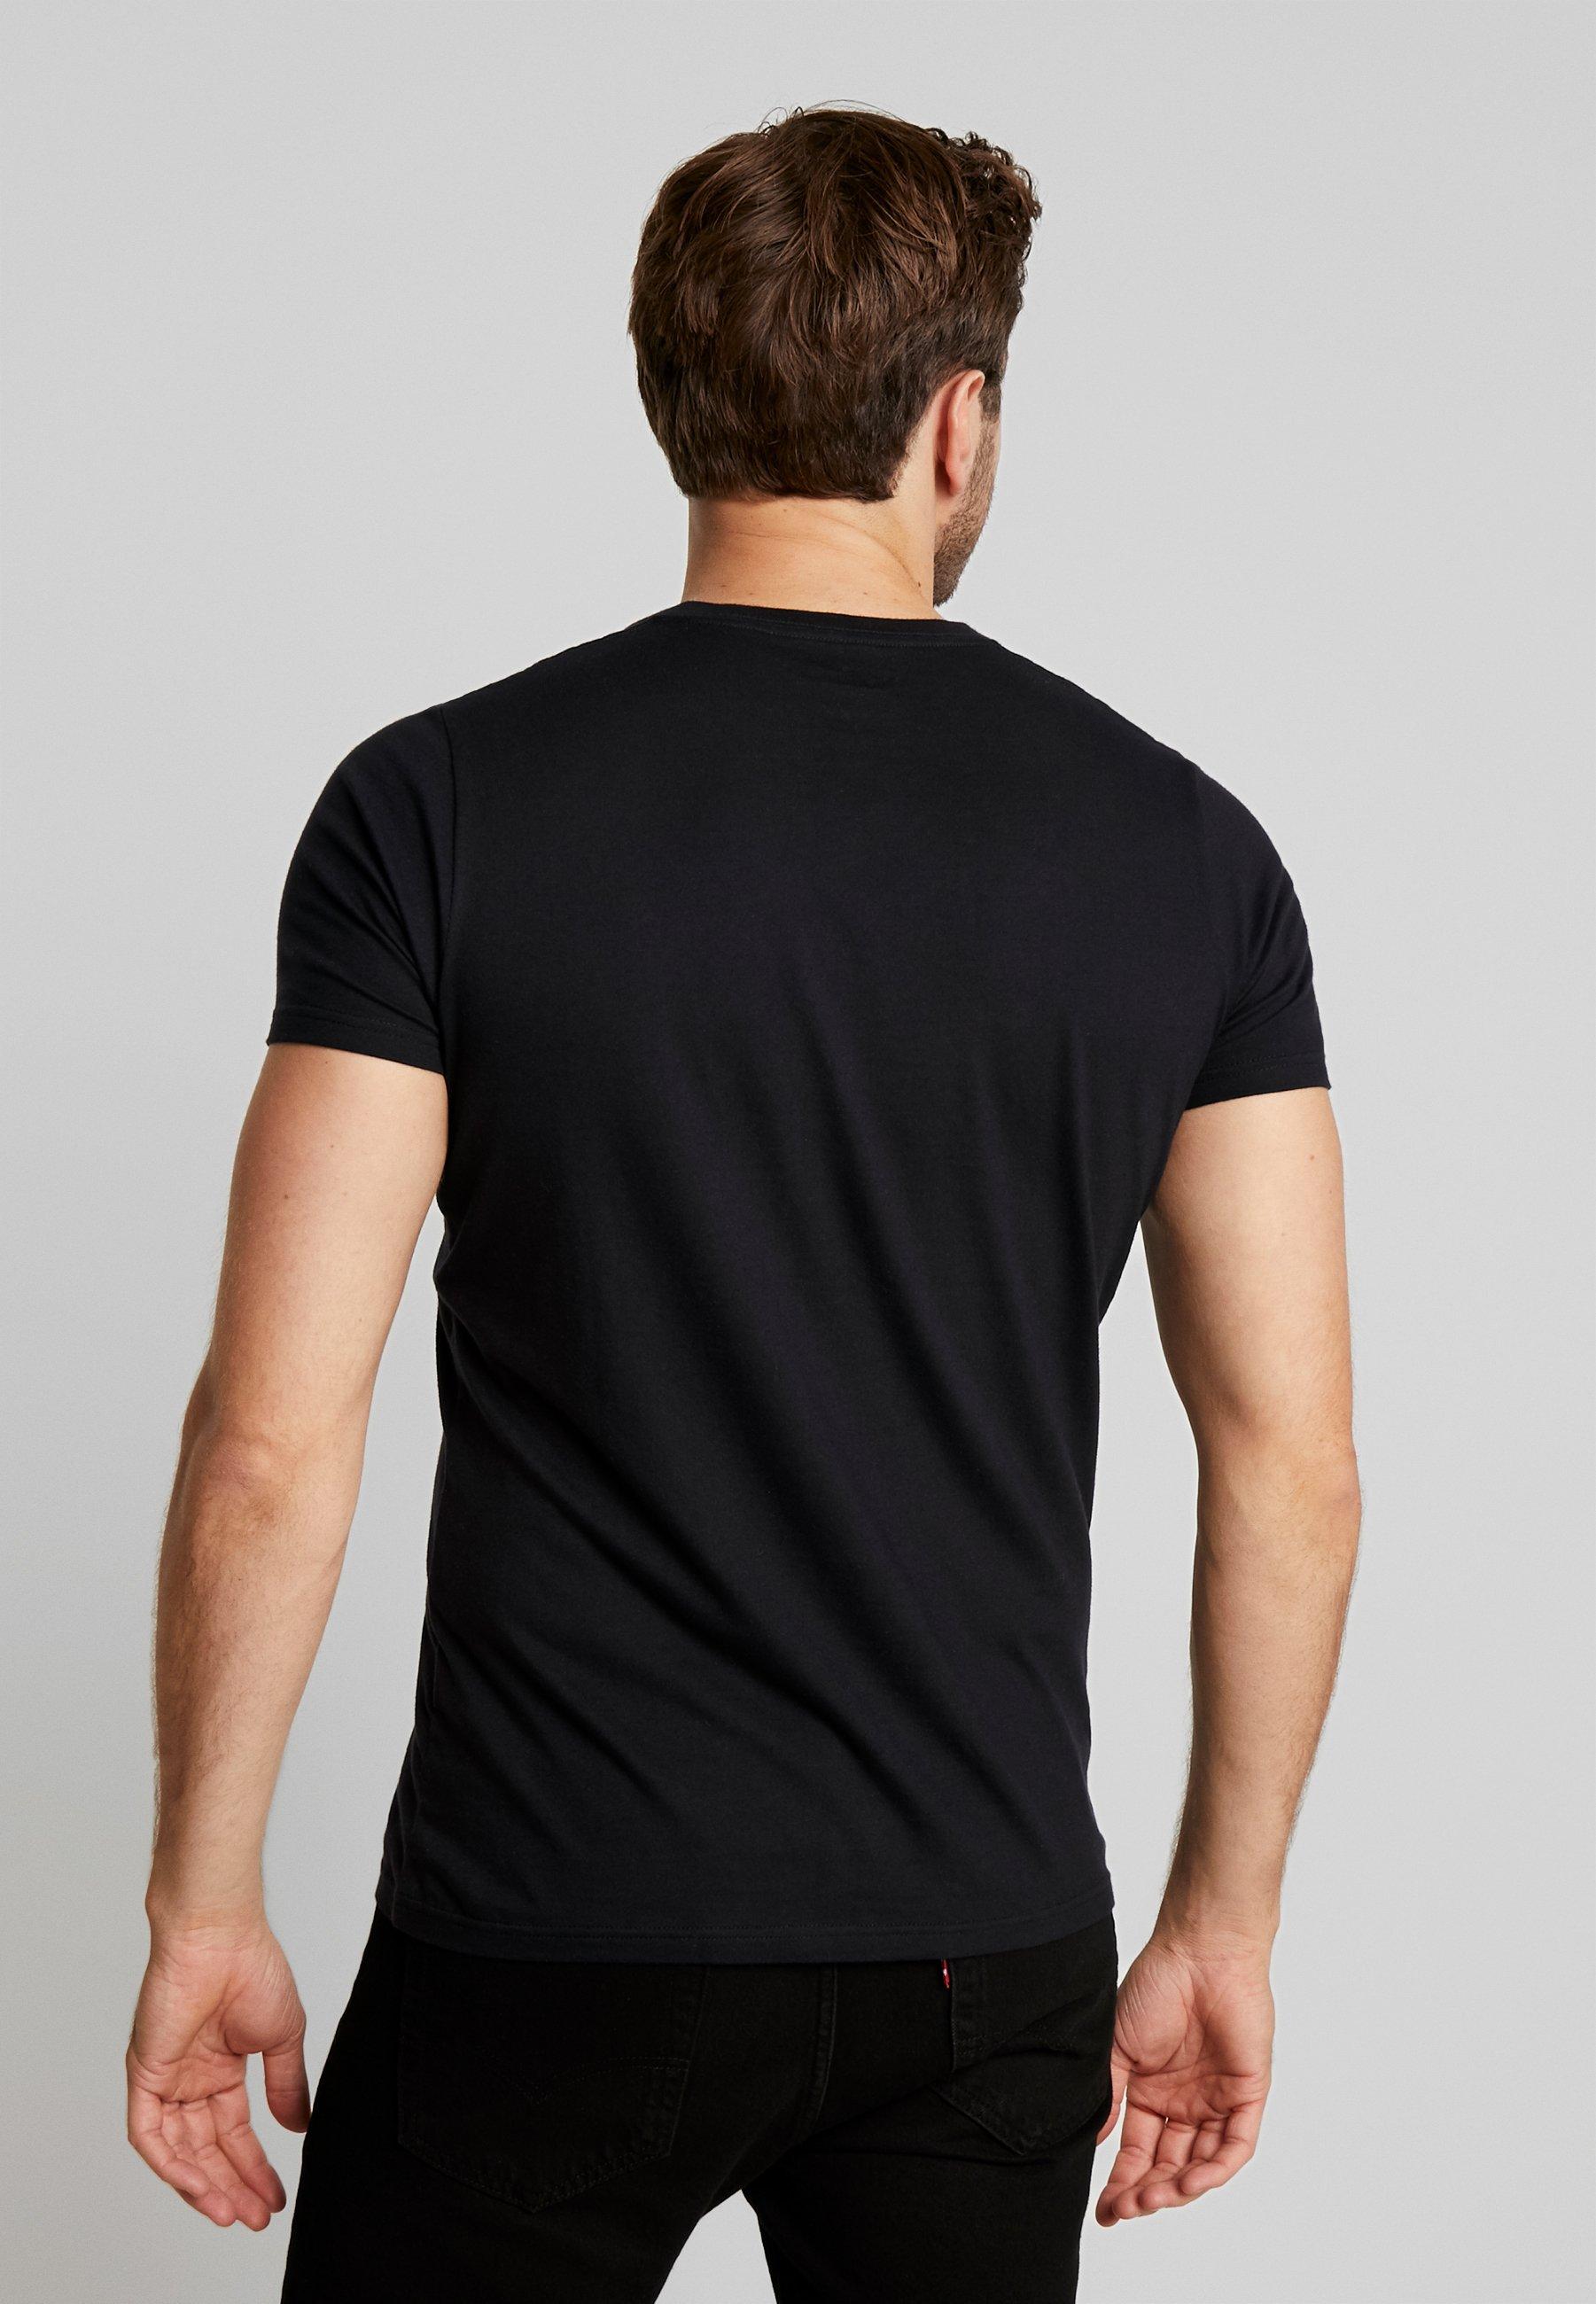 Black Fit VneckT Basique shirt CoMuscle Hollister SzMUVp